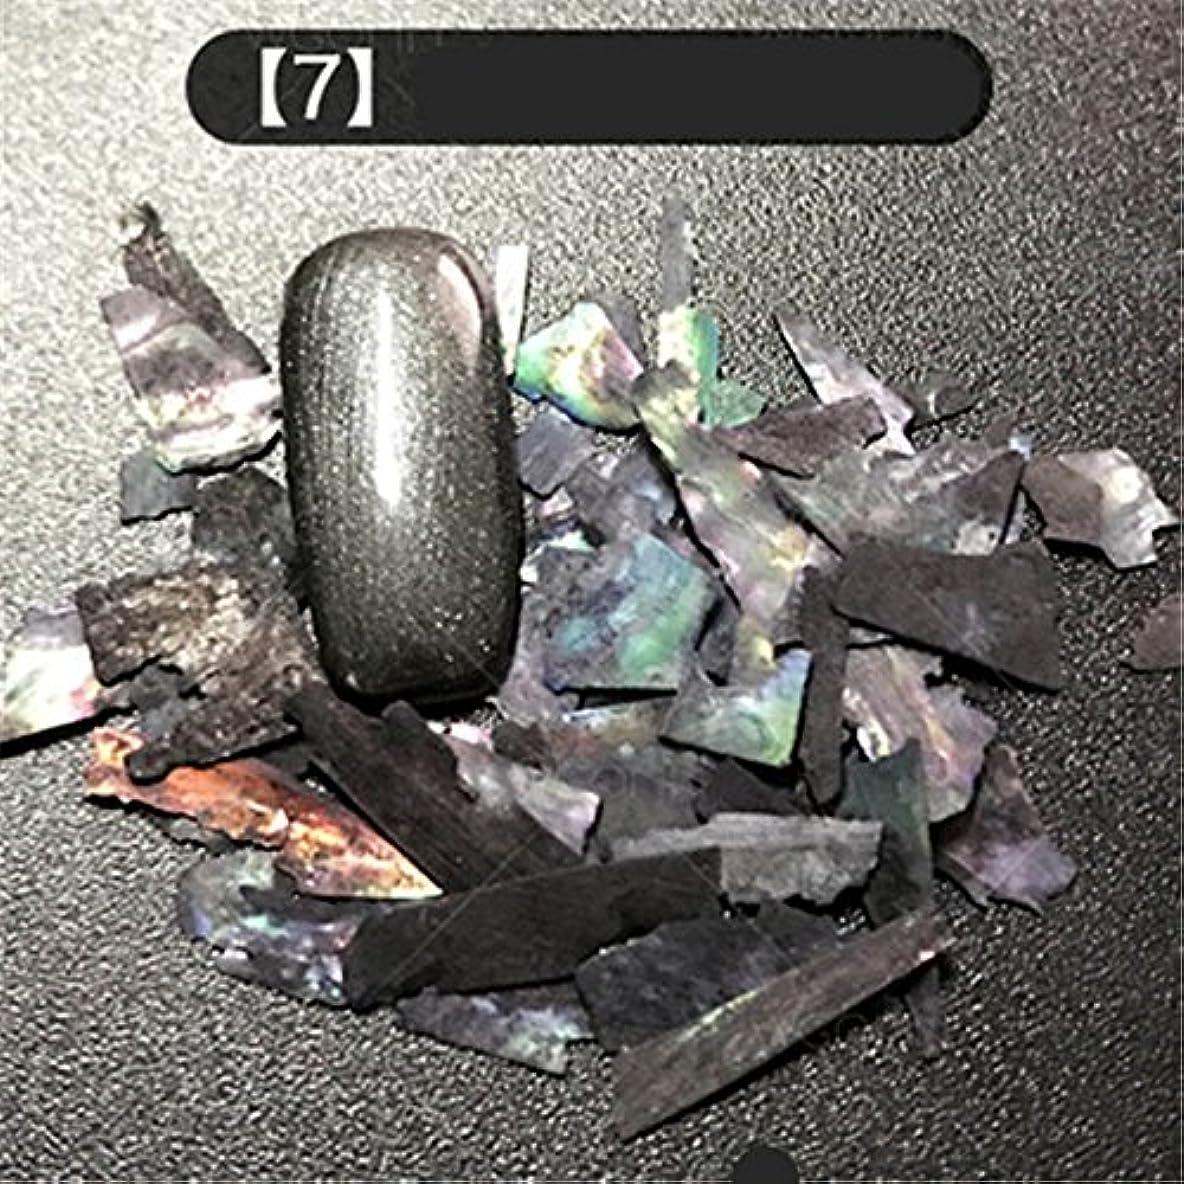 鷹認証ネスト12色選択可能 カラフル 人魚 天然 貝殻 クラッシュ シェル ネイルアート デコレーション UVジェル ネイルパーツ  ネイルサロン (07) [並行輸入品]